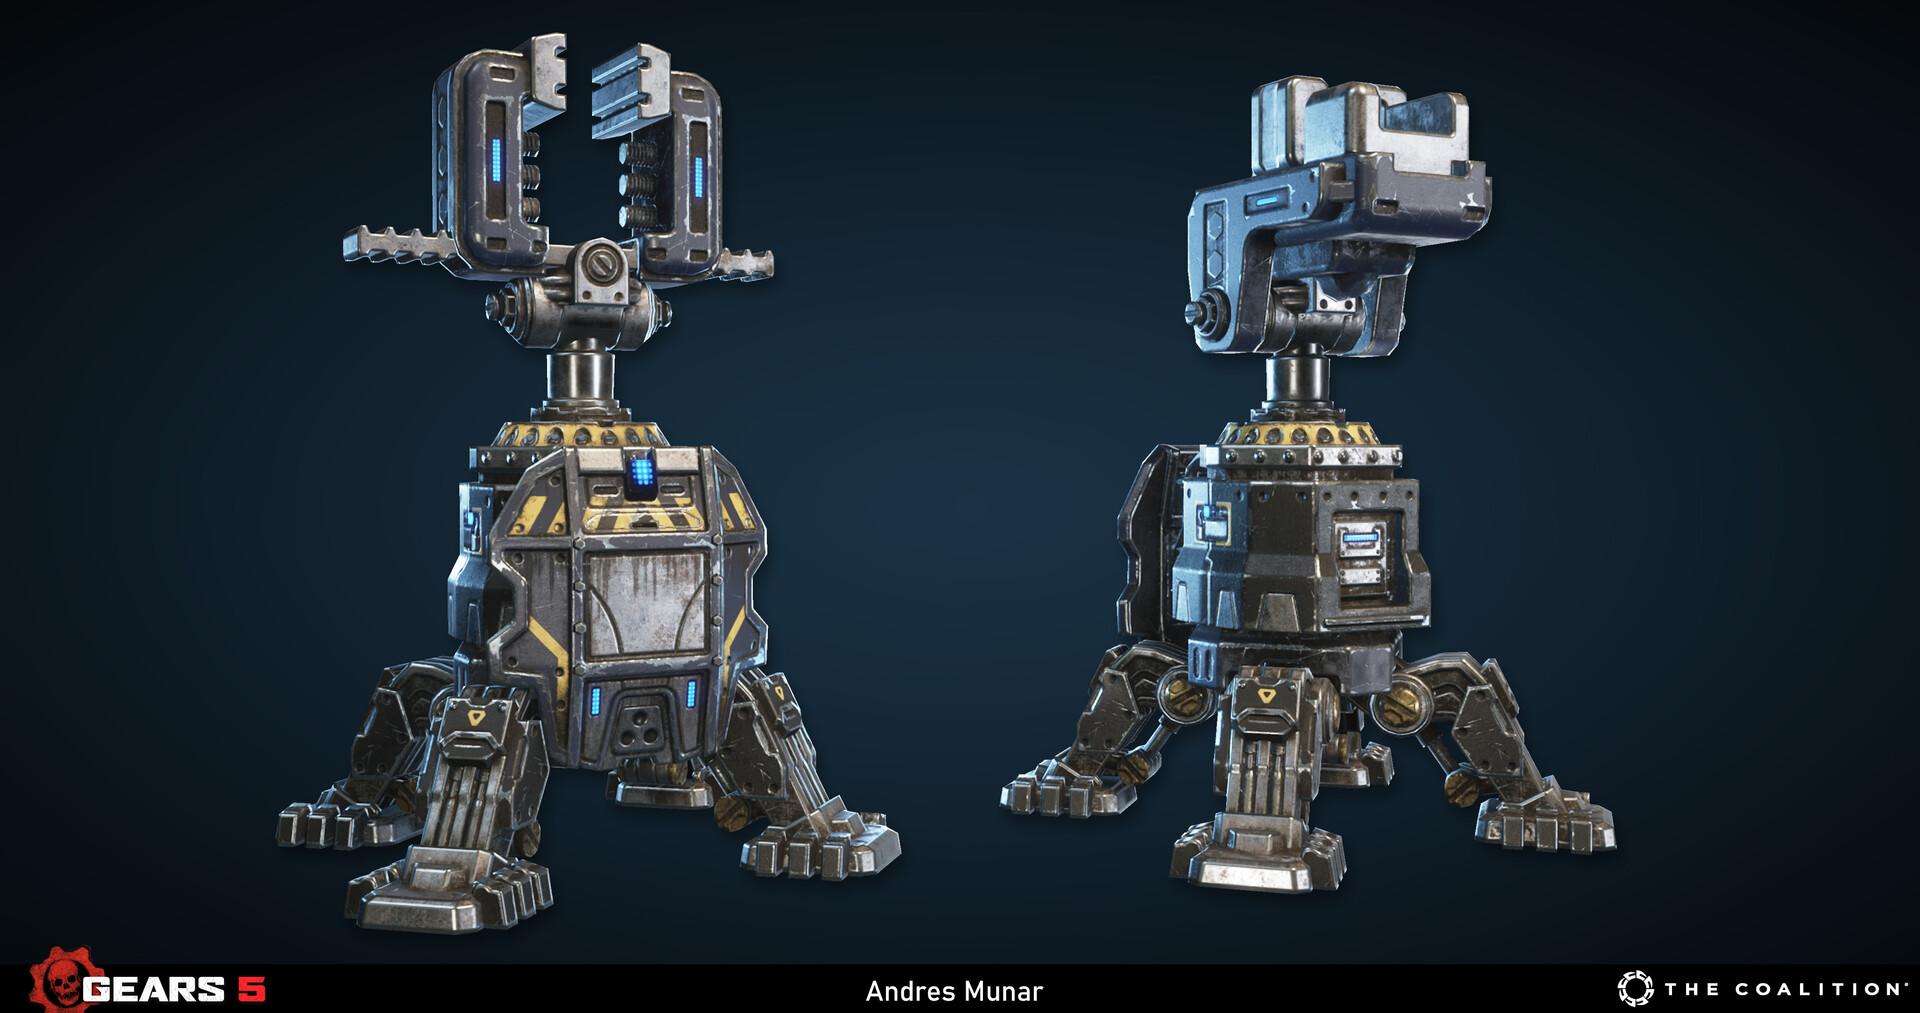 Andres munar gears5 009